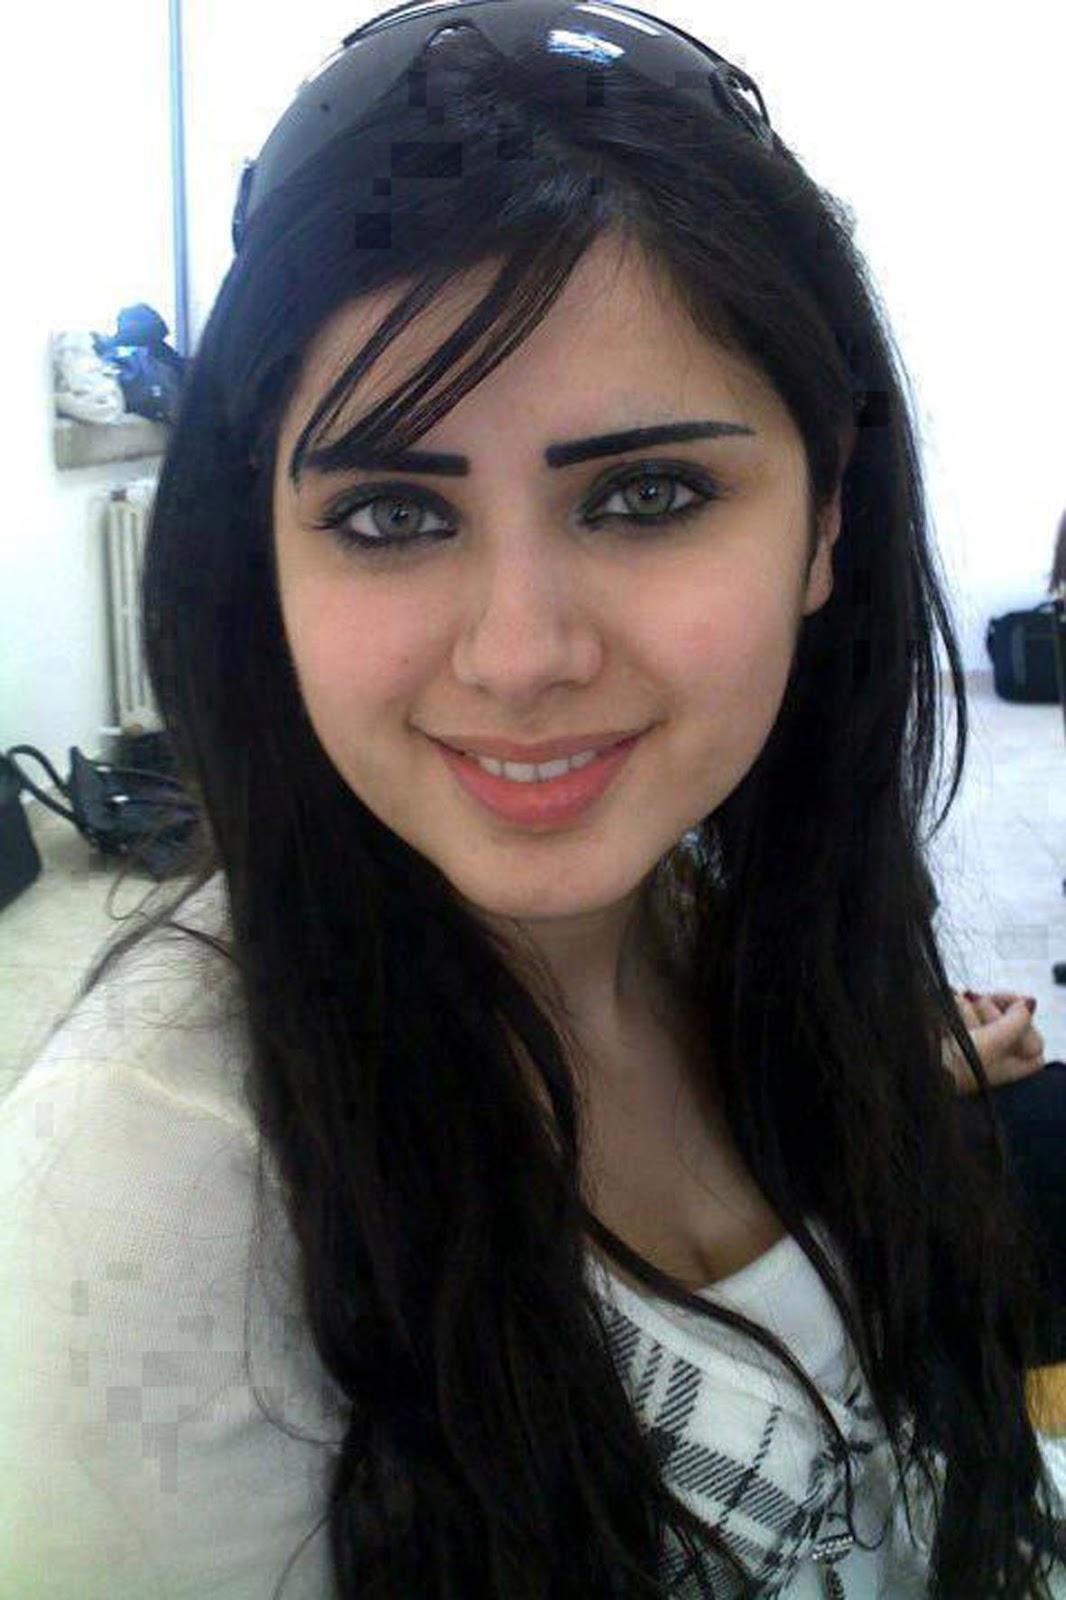 صور بنات بغداد فيس بوك , صور اجمل بنات بغداد